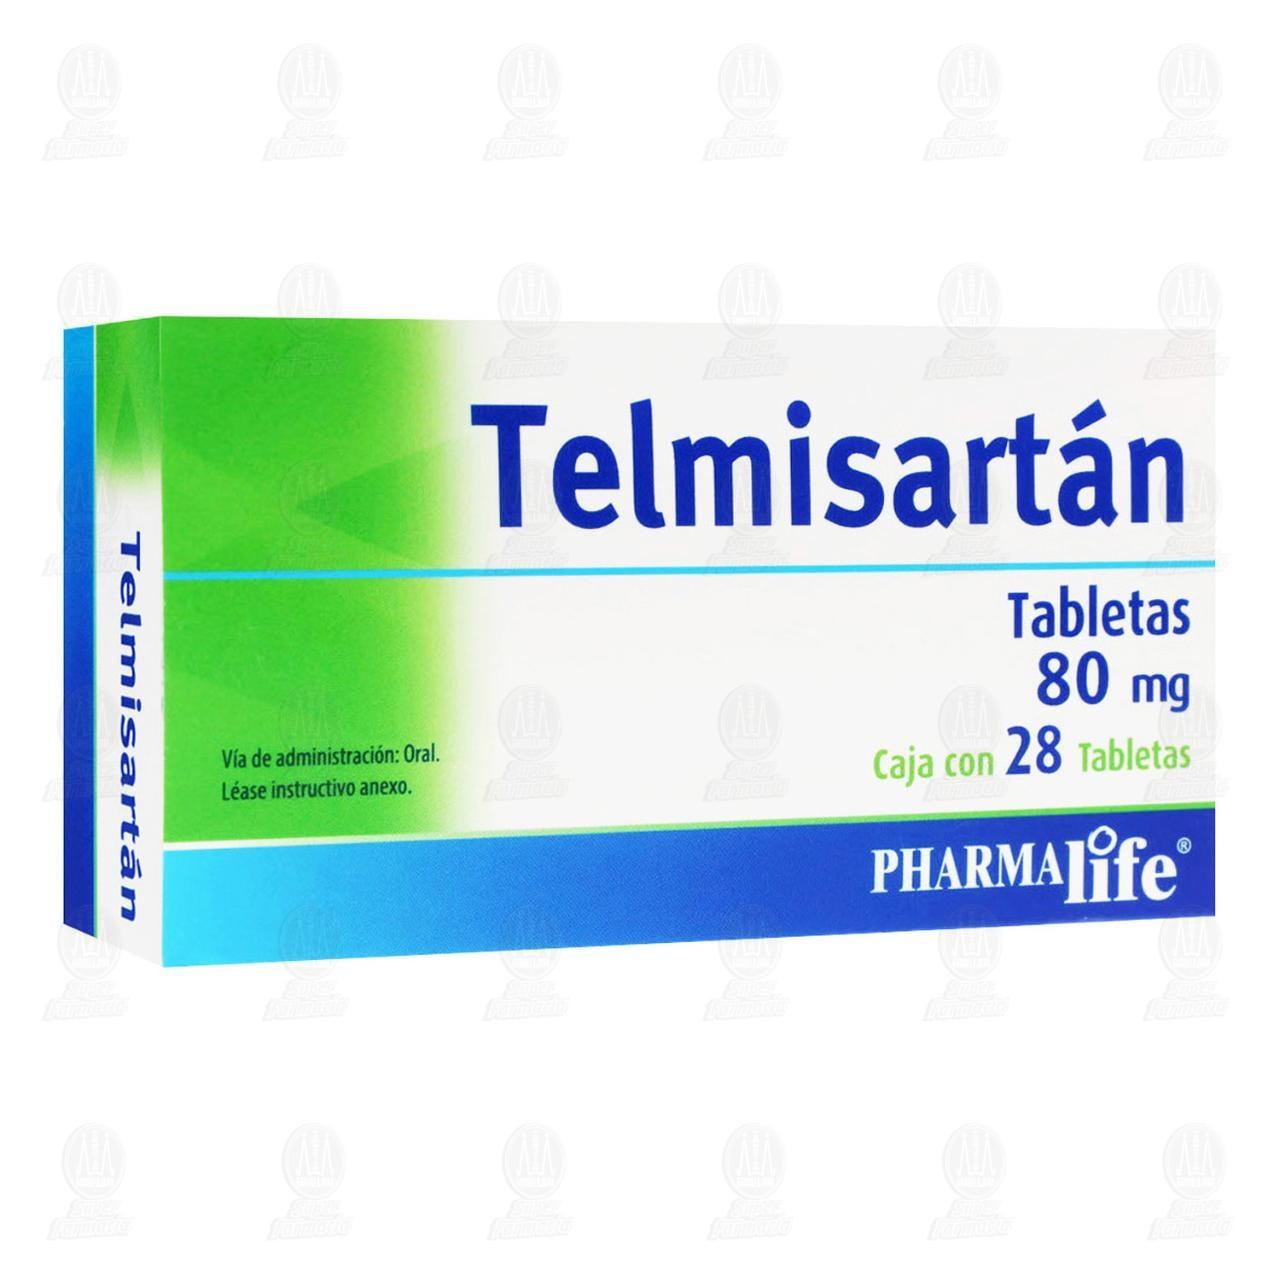 Telmisartán 80mg 28 Tabletas Pharmalife